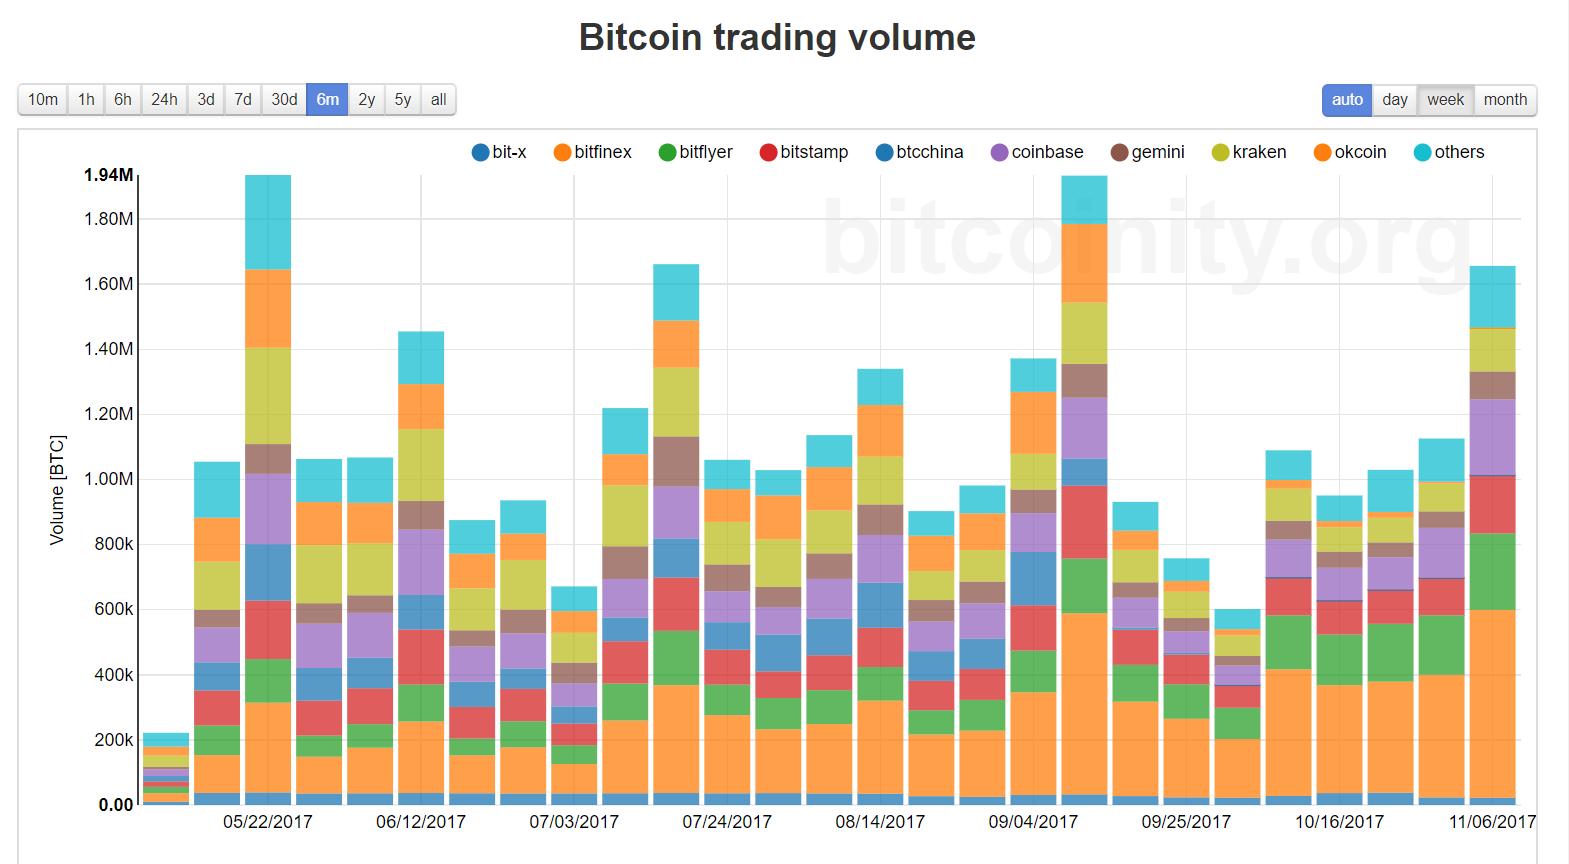 Bitfinex tőzsde bitcoin kereskedési volumen 2017 május - november